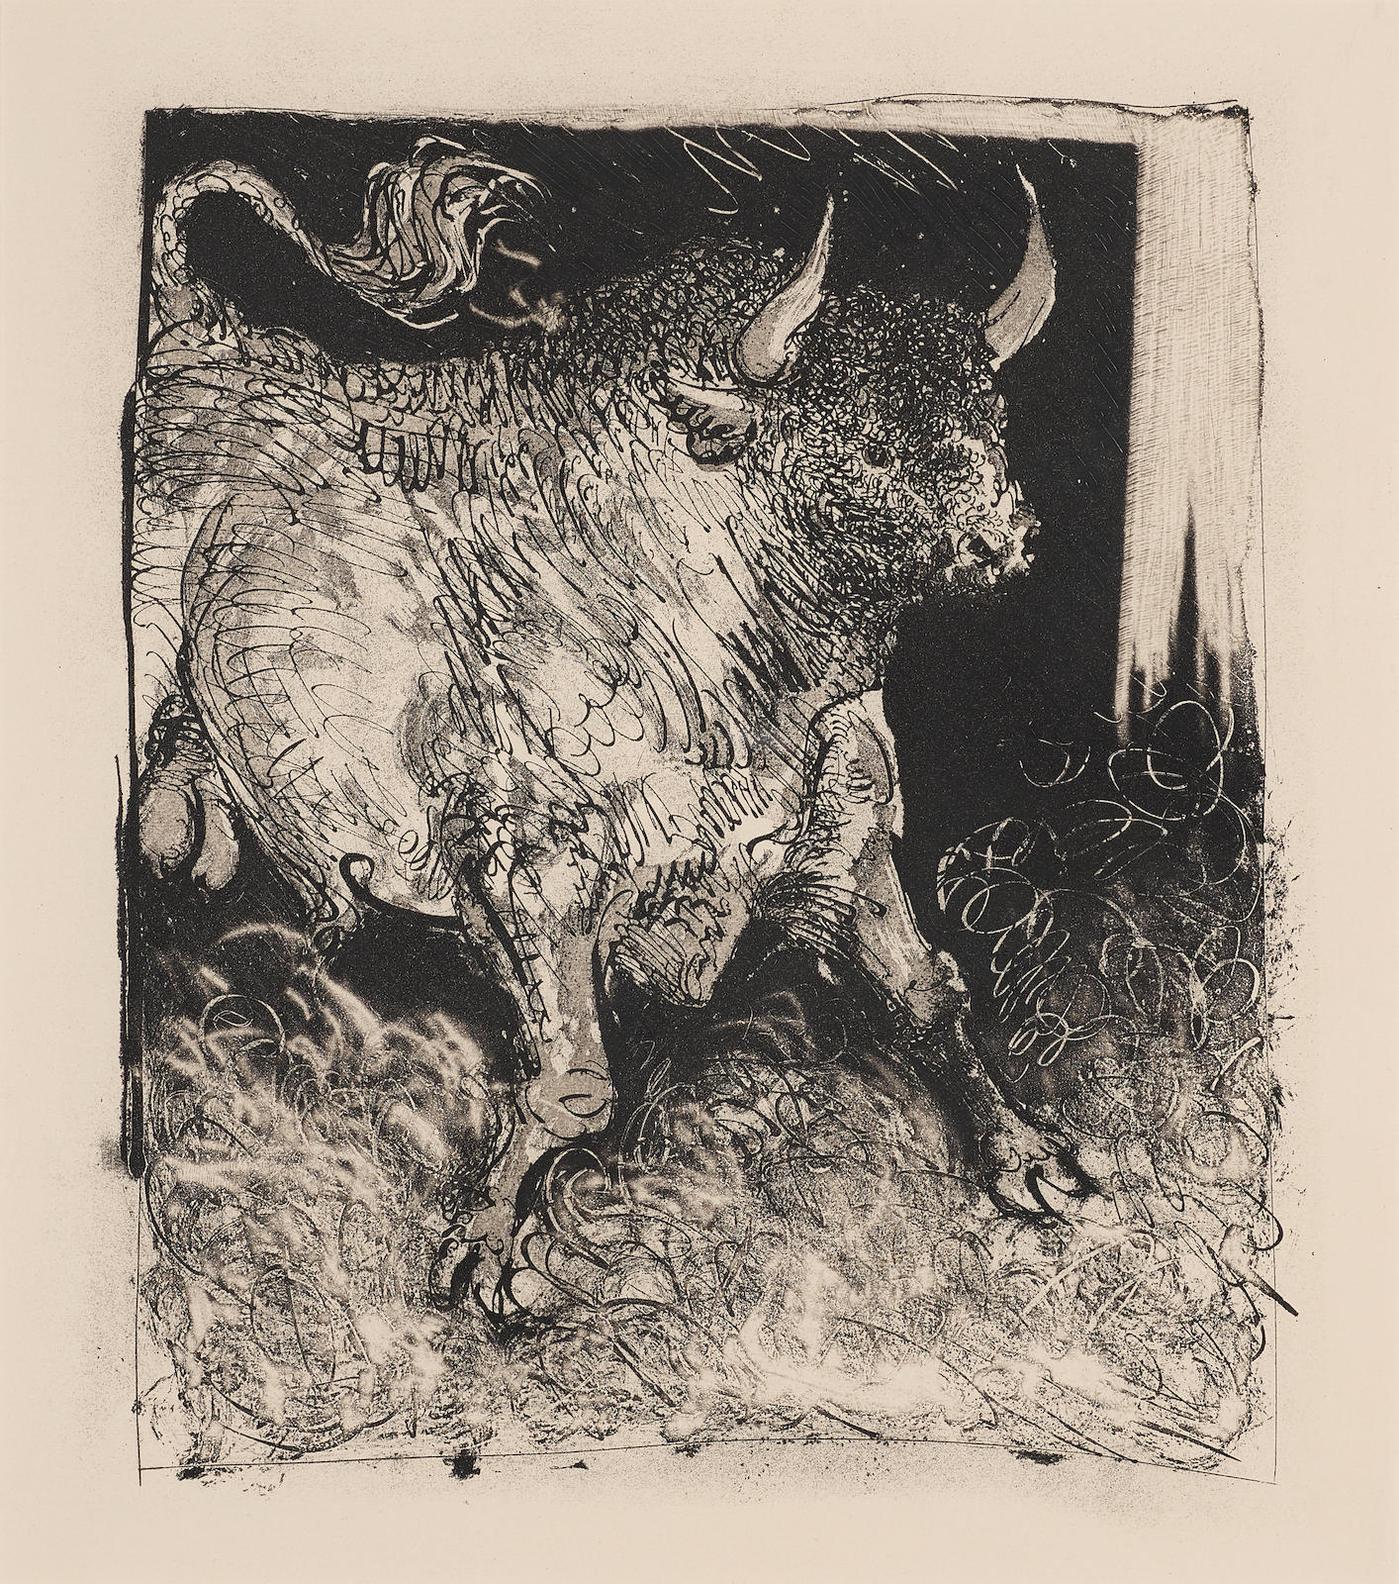 Pablo Picasso-Le Taureau, Pl. 4, From Histoire Naturelle-1942